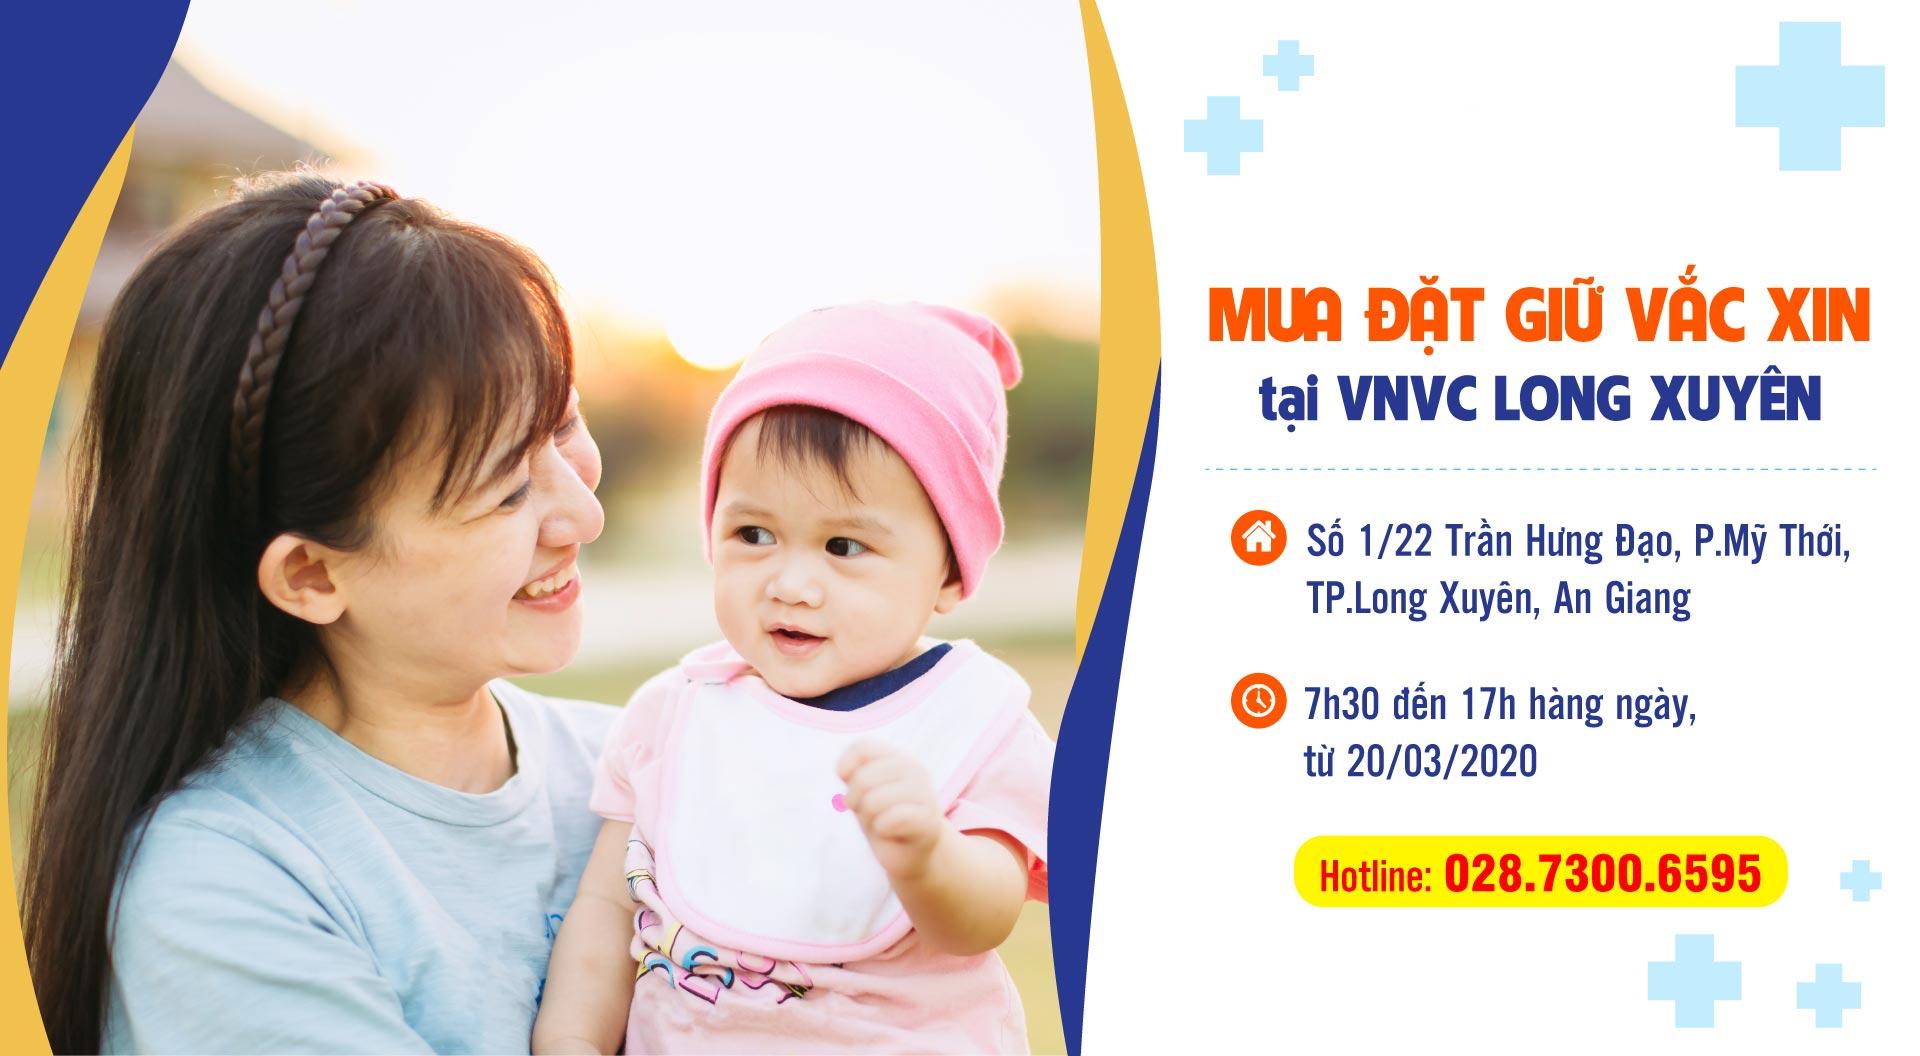 Mua đặt giữ vắc xin VNVC Long Xuyên